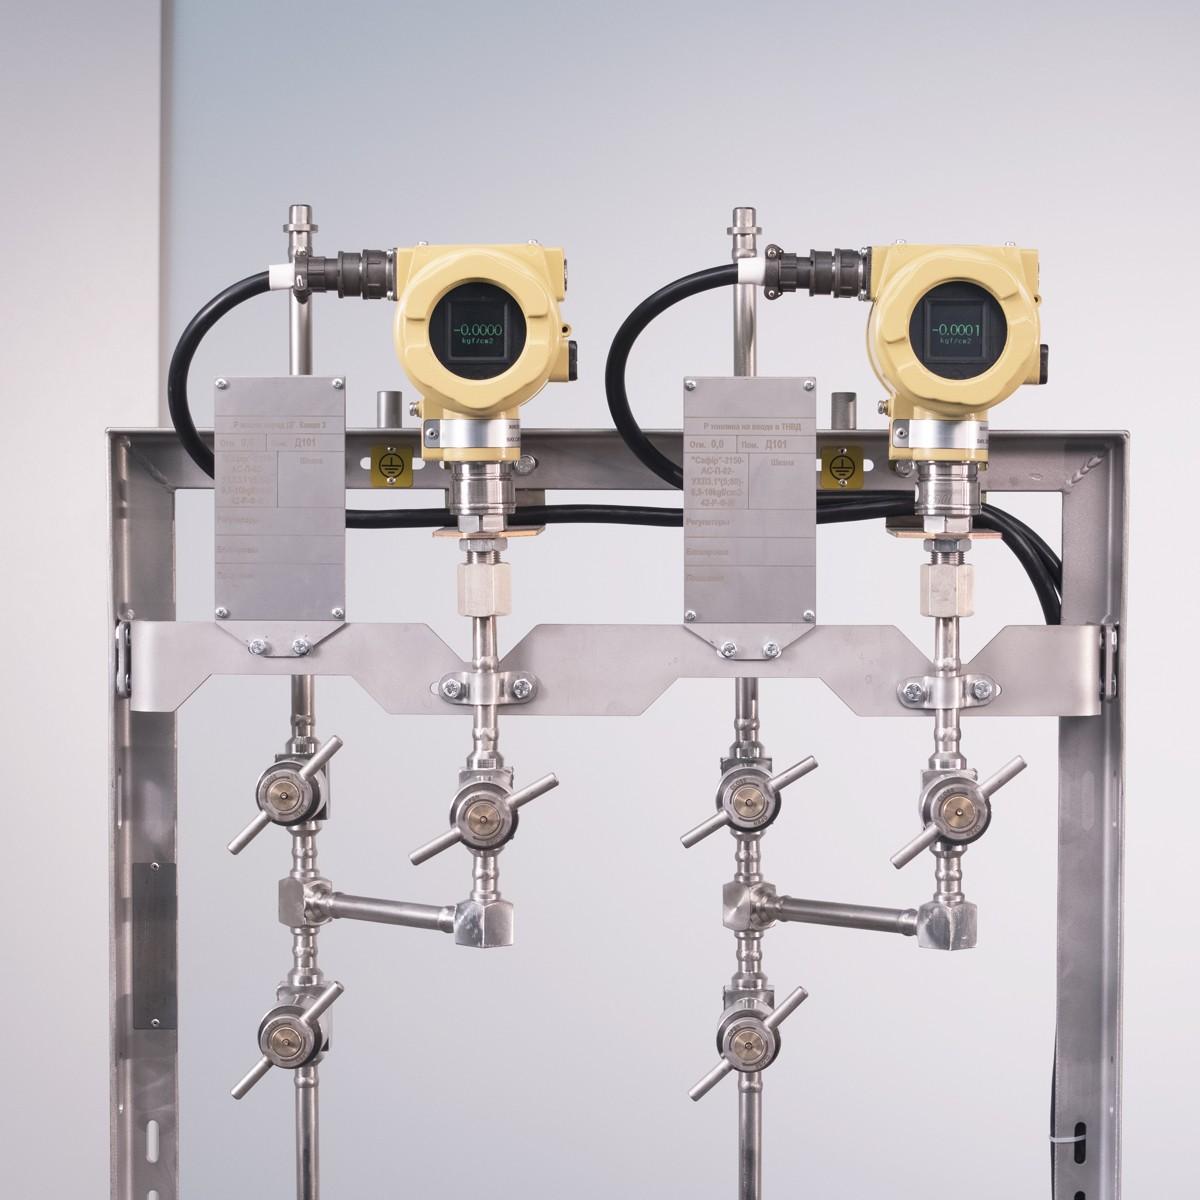 Pressure transmitters' racks